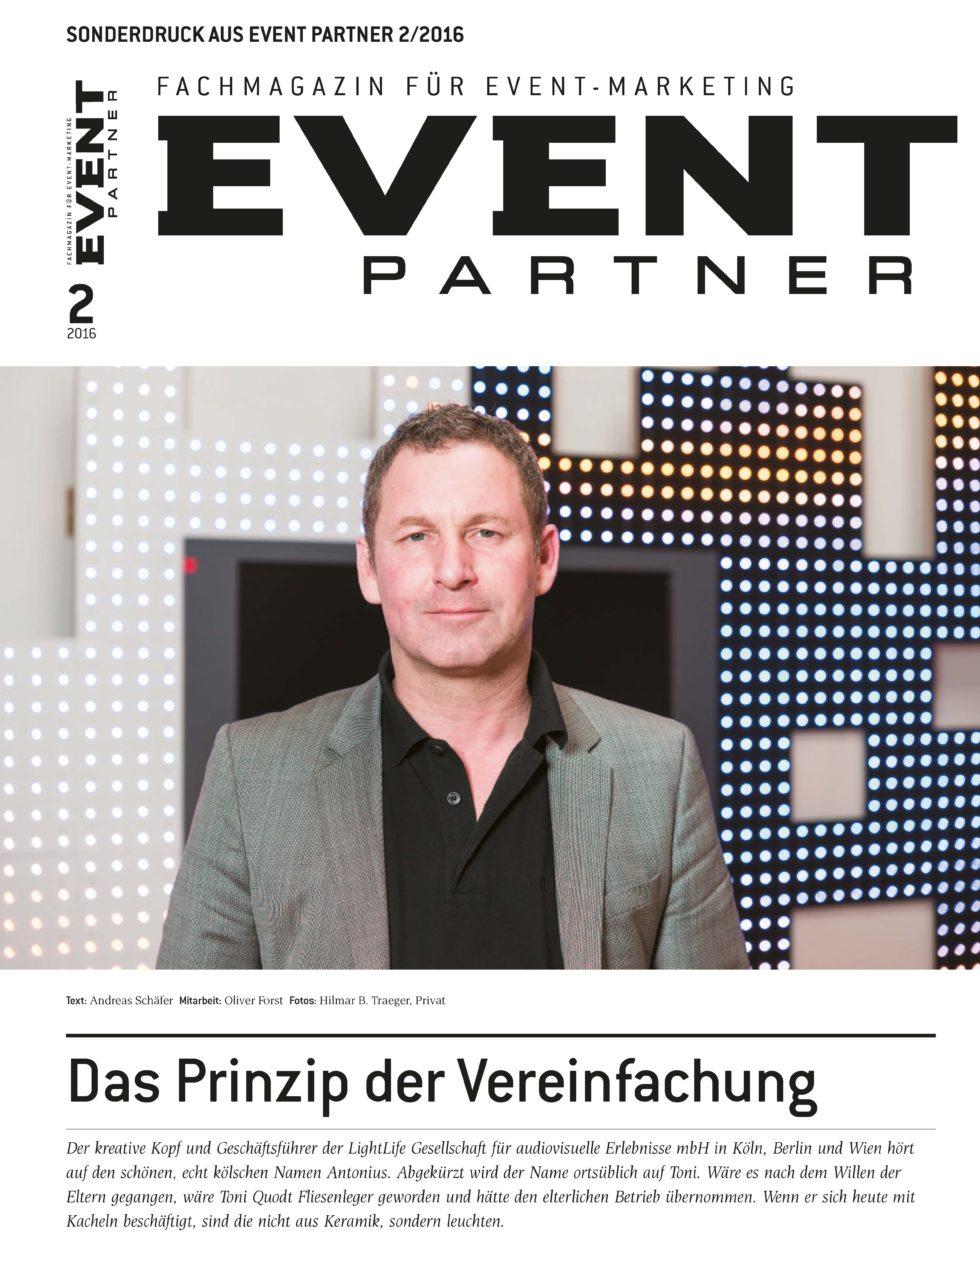 Event Partner | Das Prinzip der Vereinfachung